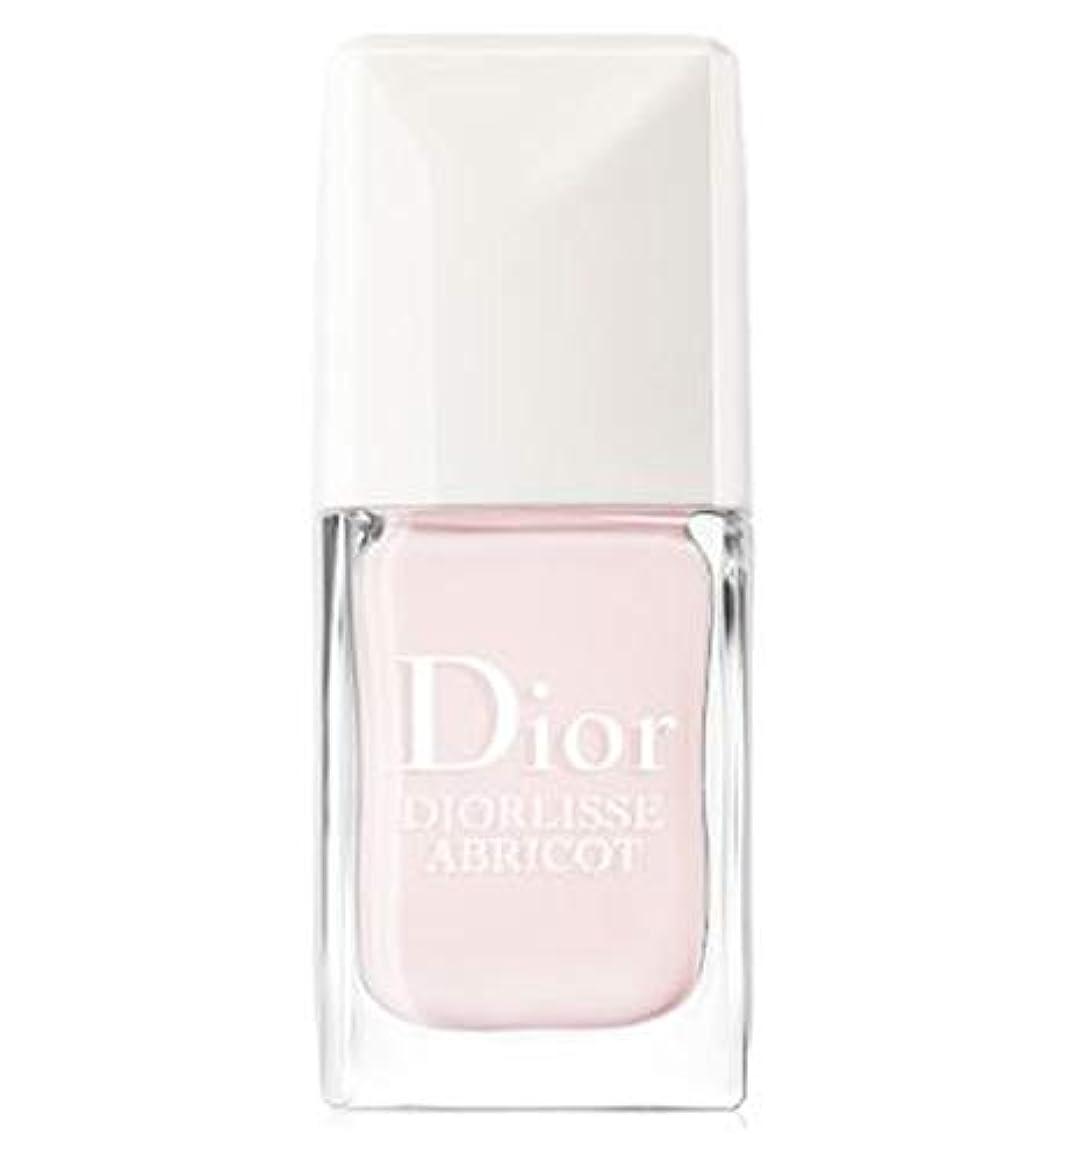 大事にするブレーキクック[Dior ] ピンクの花びらの10ミリリットルで完成ネイルケアを平滑化Abricot Diorlisse - Diorlisse Abricot Smoothing Perfecting Nail Care In Pink Petal 10Ml [並行輸入品]